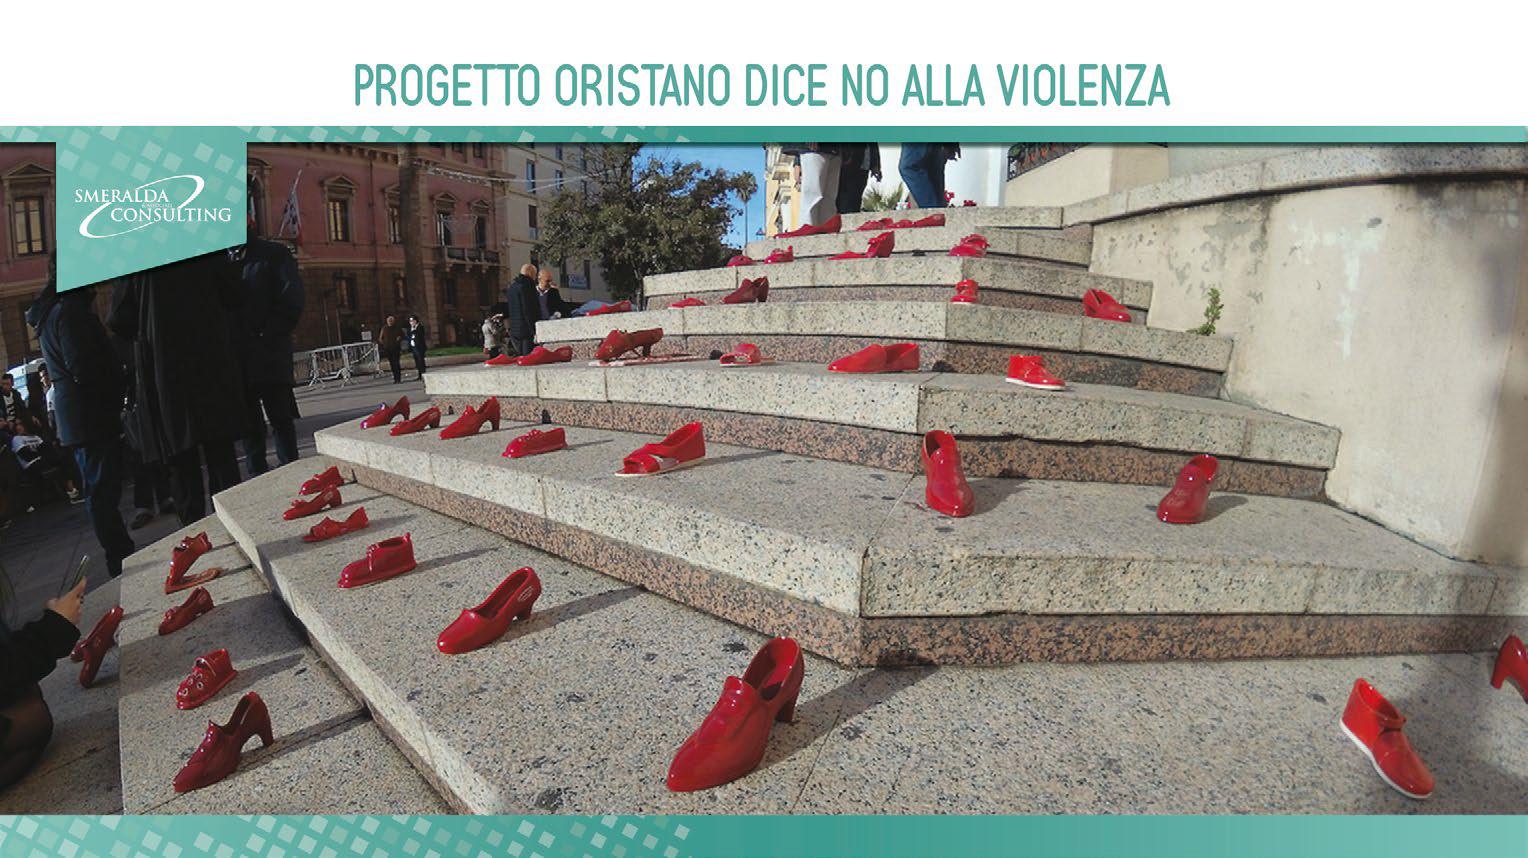 Progetto Oristano dice no alla violenza